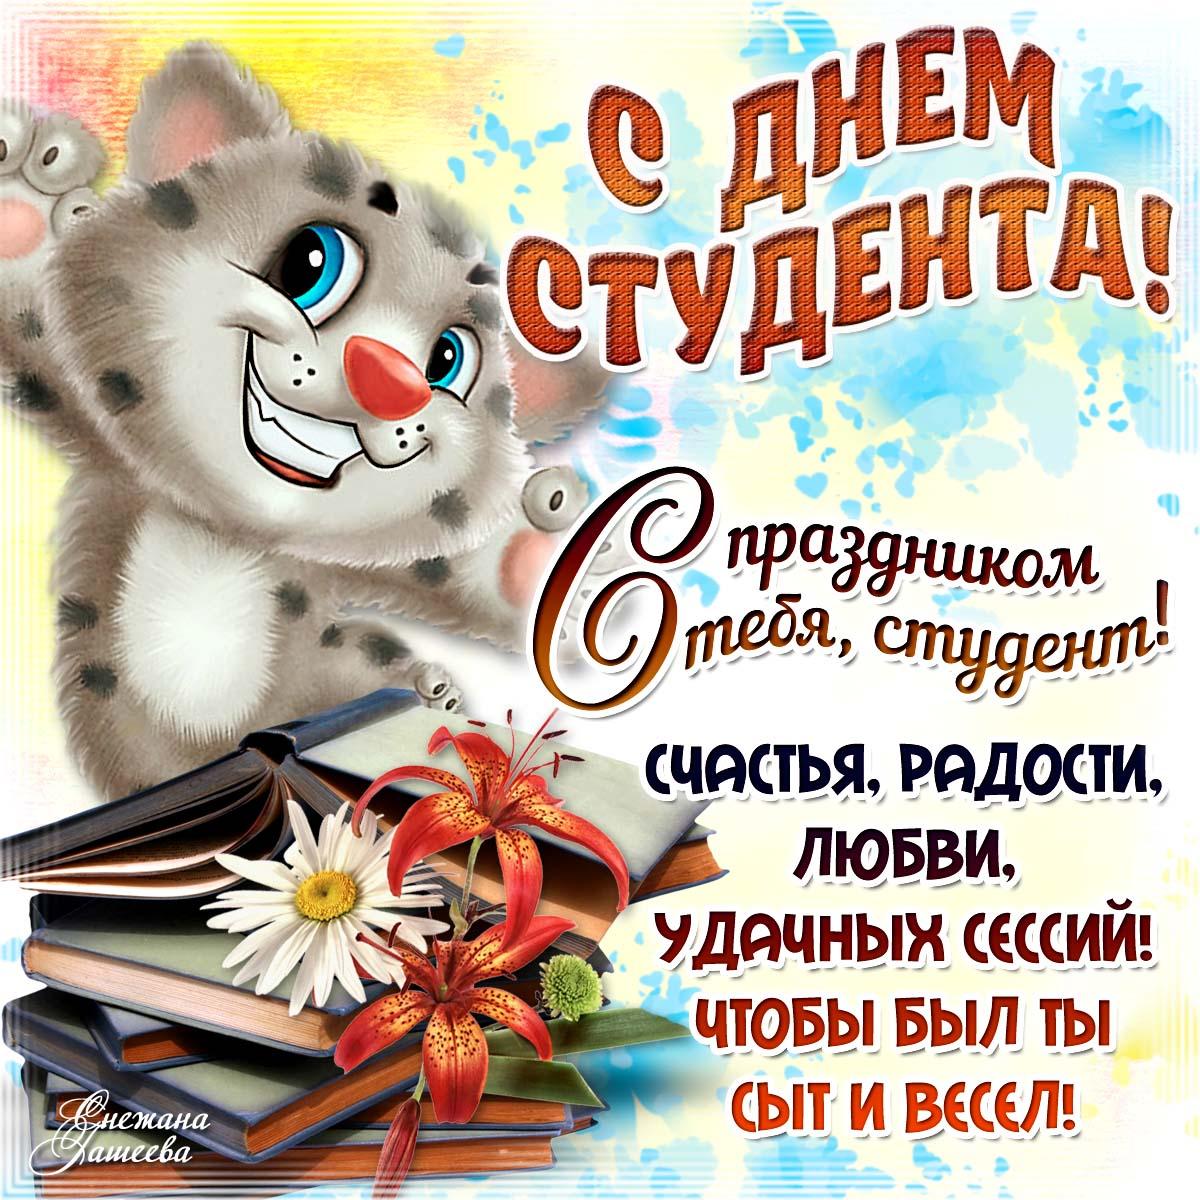 Короткие поздравления на день студента